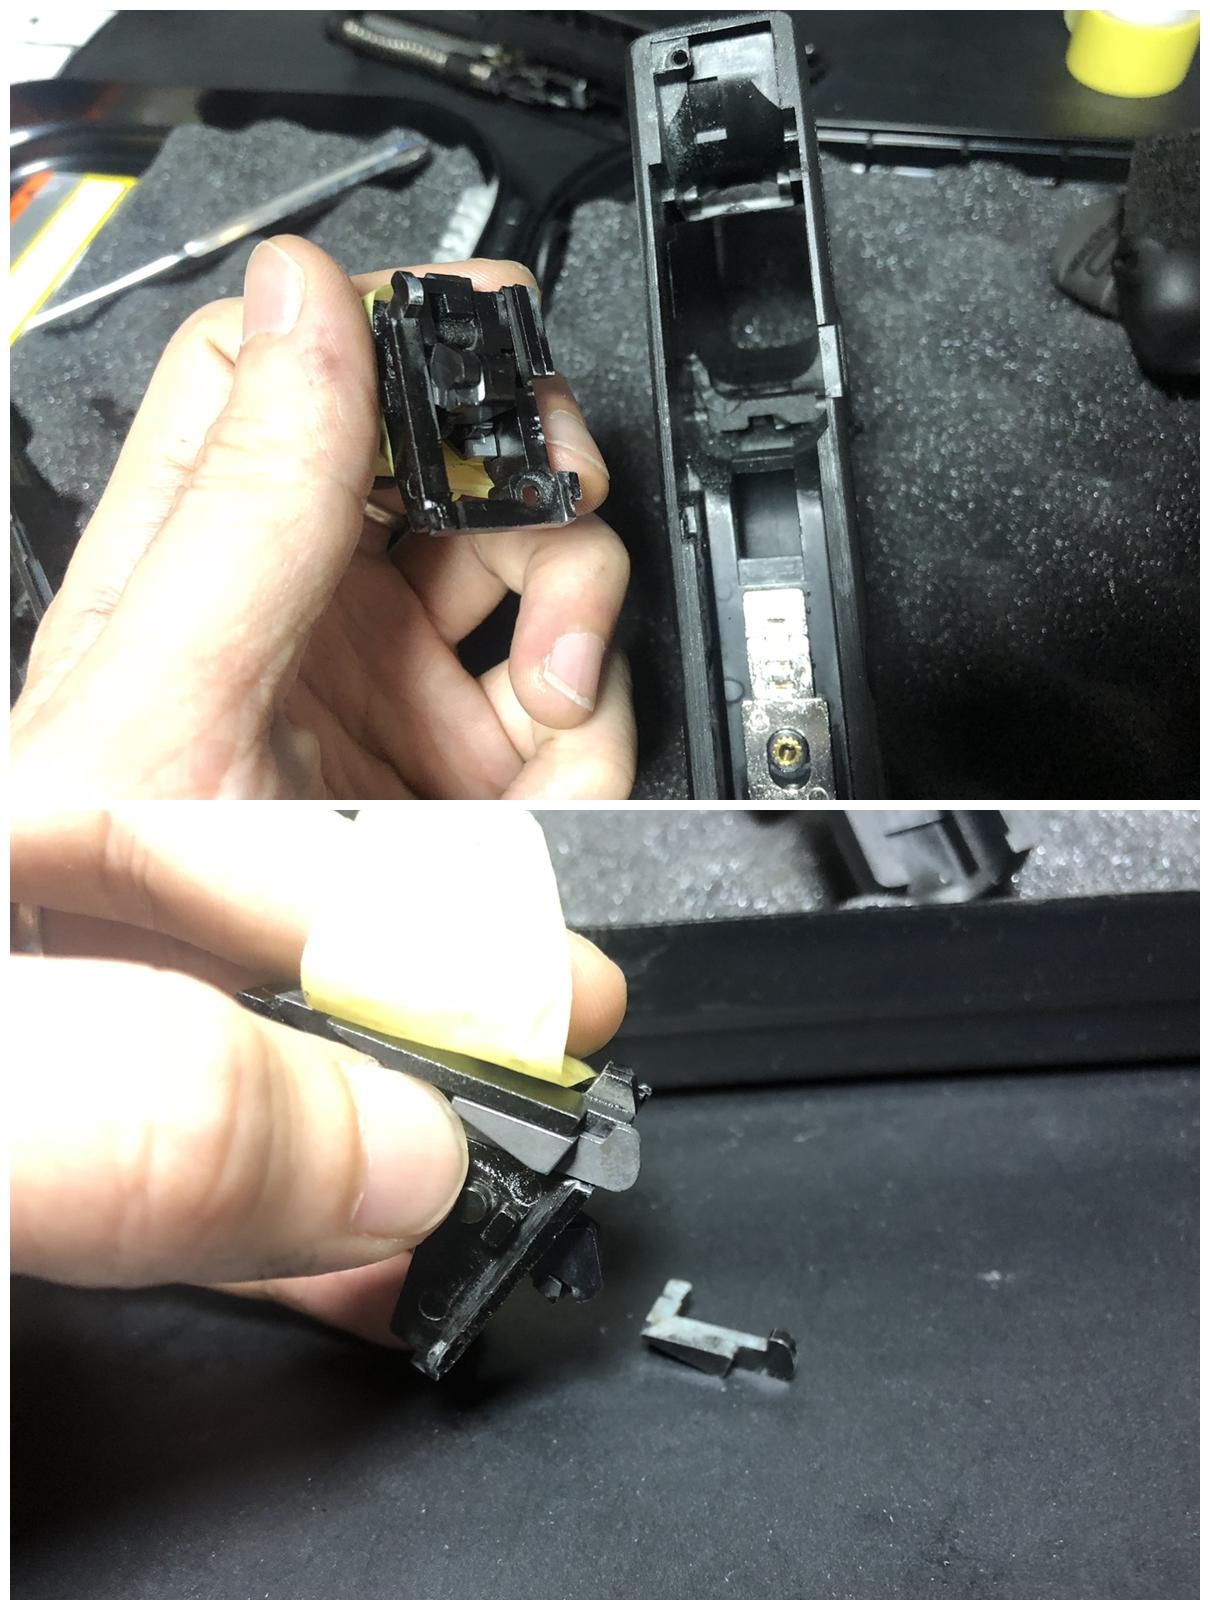 9 GLOCK 18C GBB スライドの動作不良を修理するぞ! GUARDER スチール トリガーバー & ガーダー スチール ノッカーロック 購入 分解 取付 修理 加工